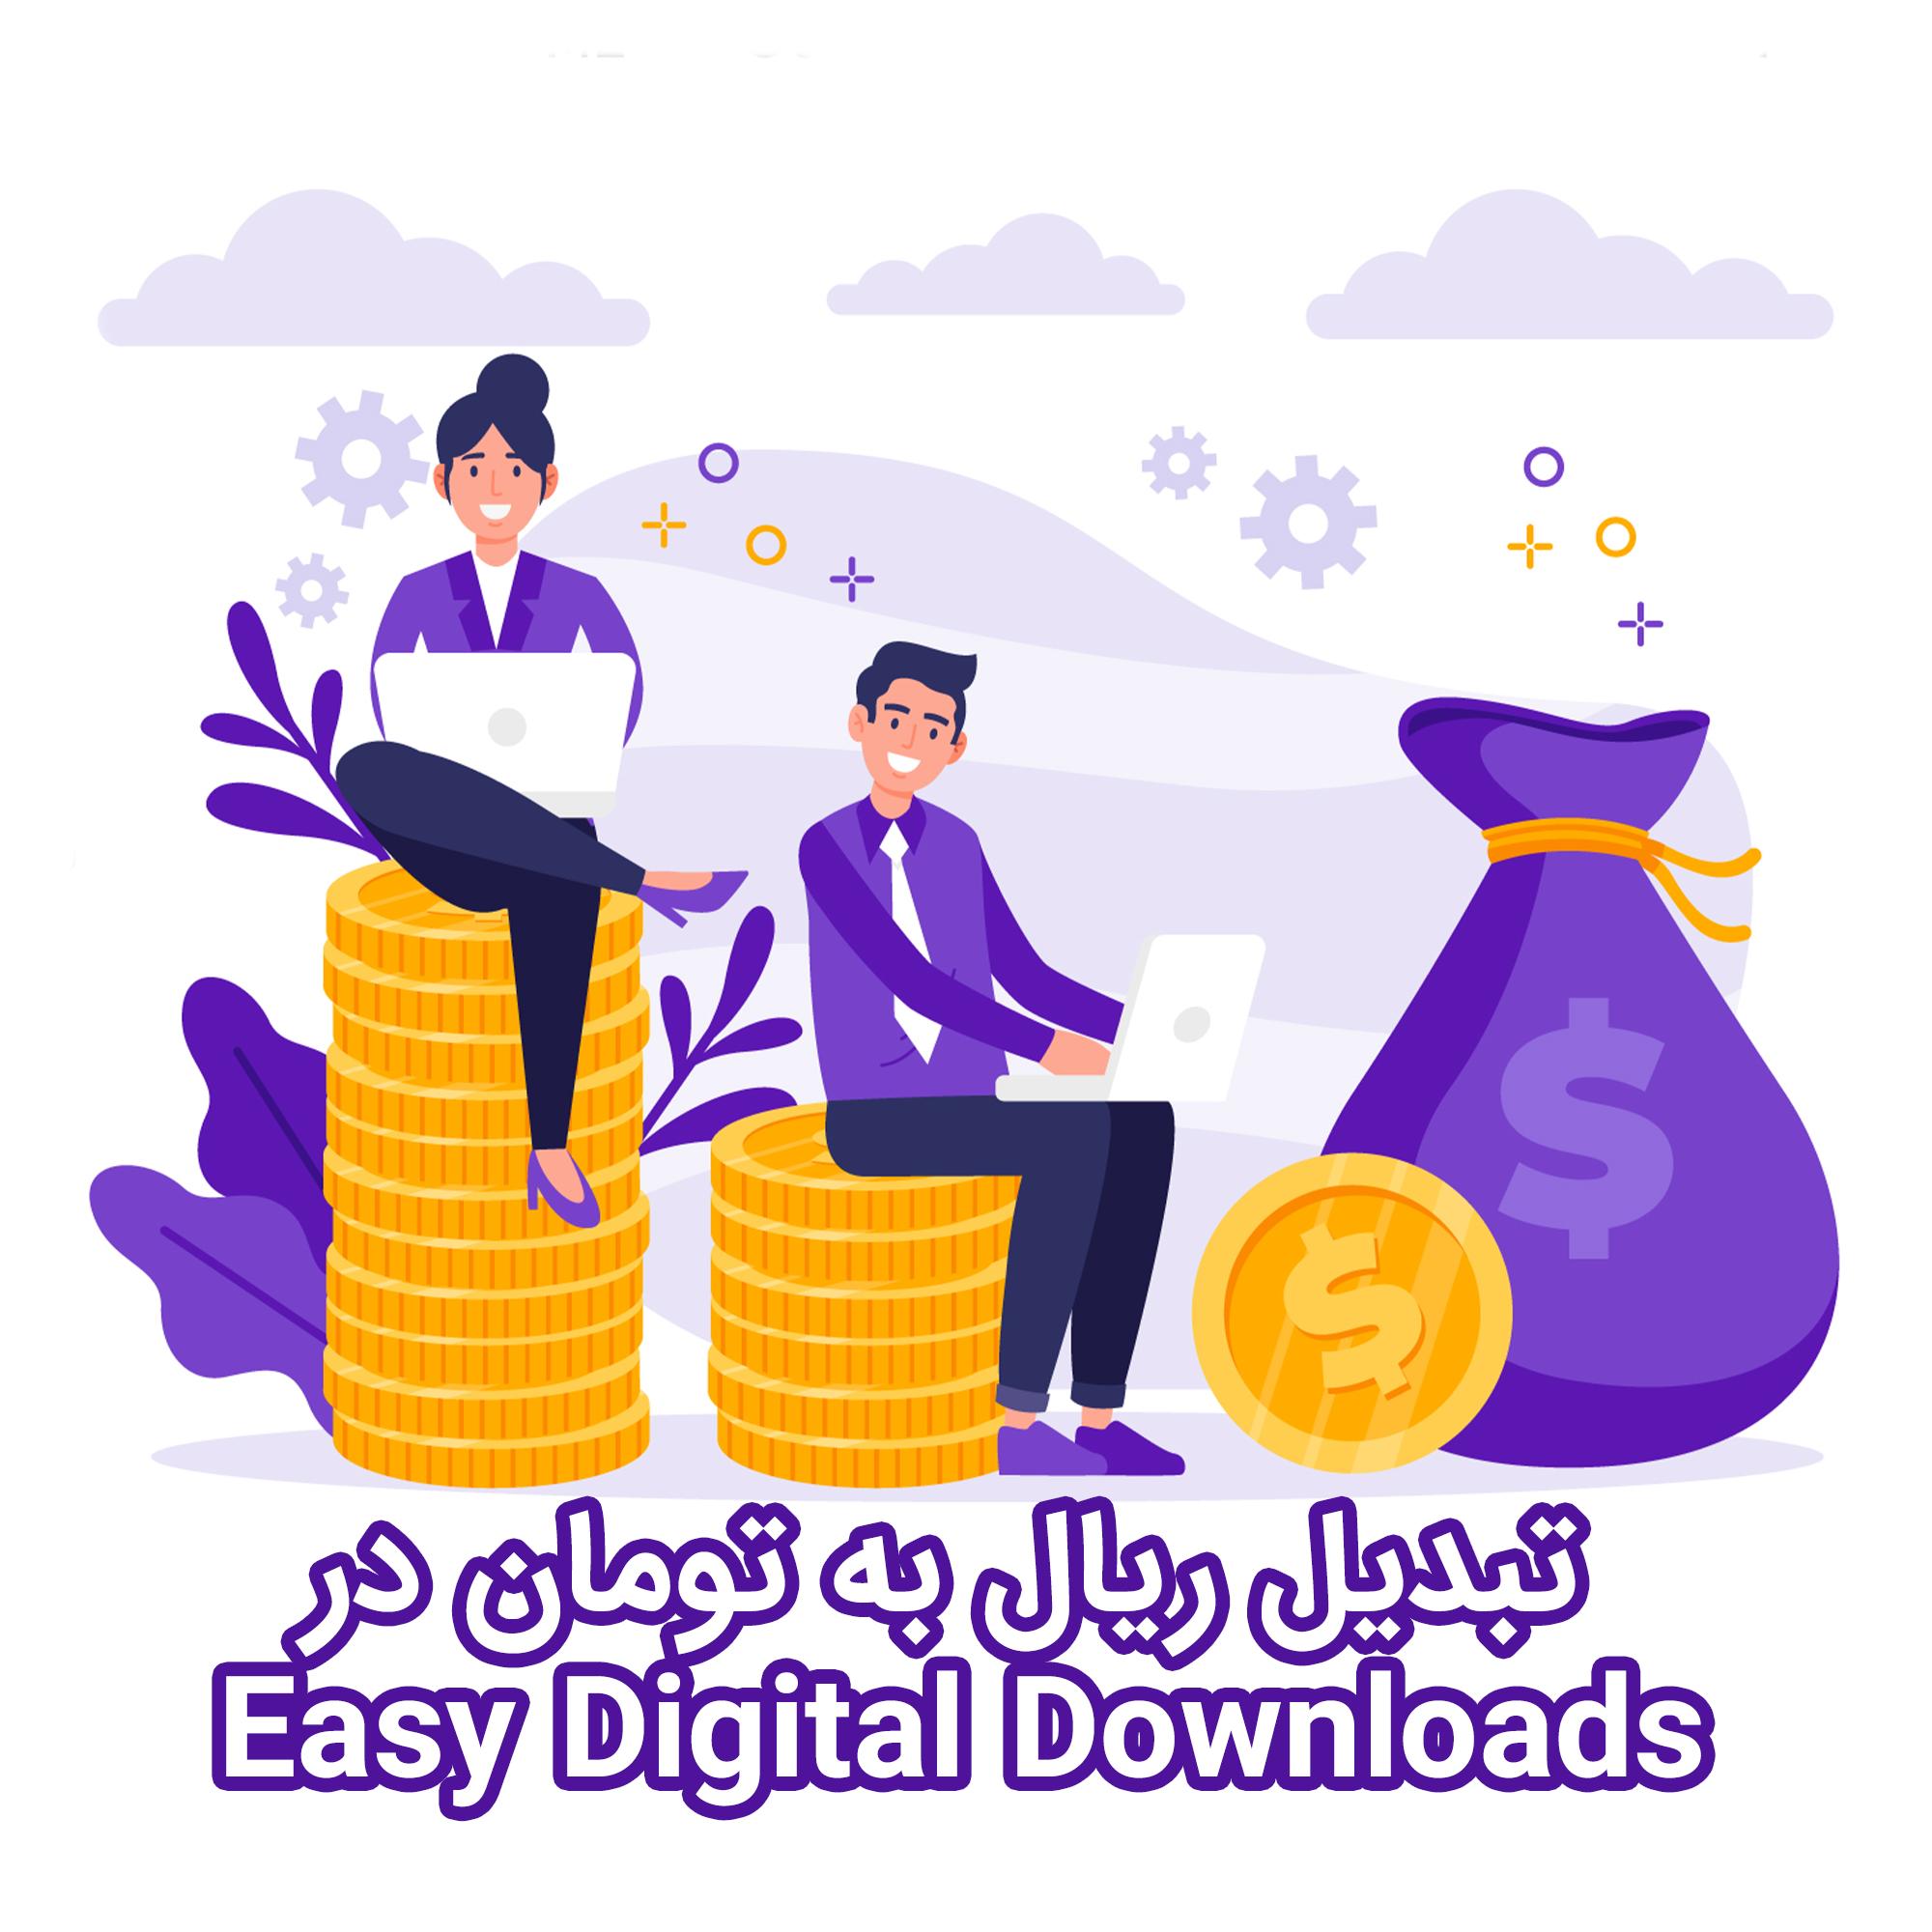 نمایش قیمت به هزار تومان و میلیون تومان در Easy Digital Downloads